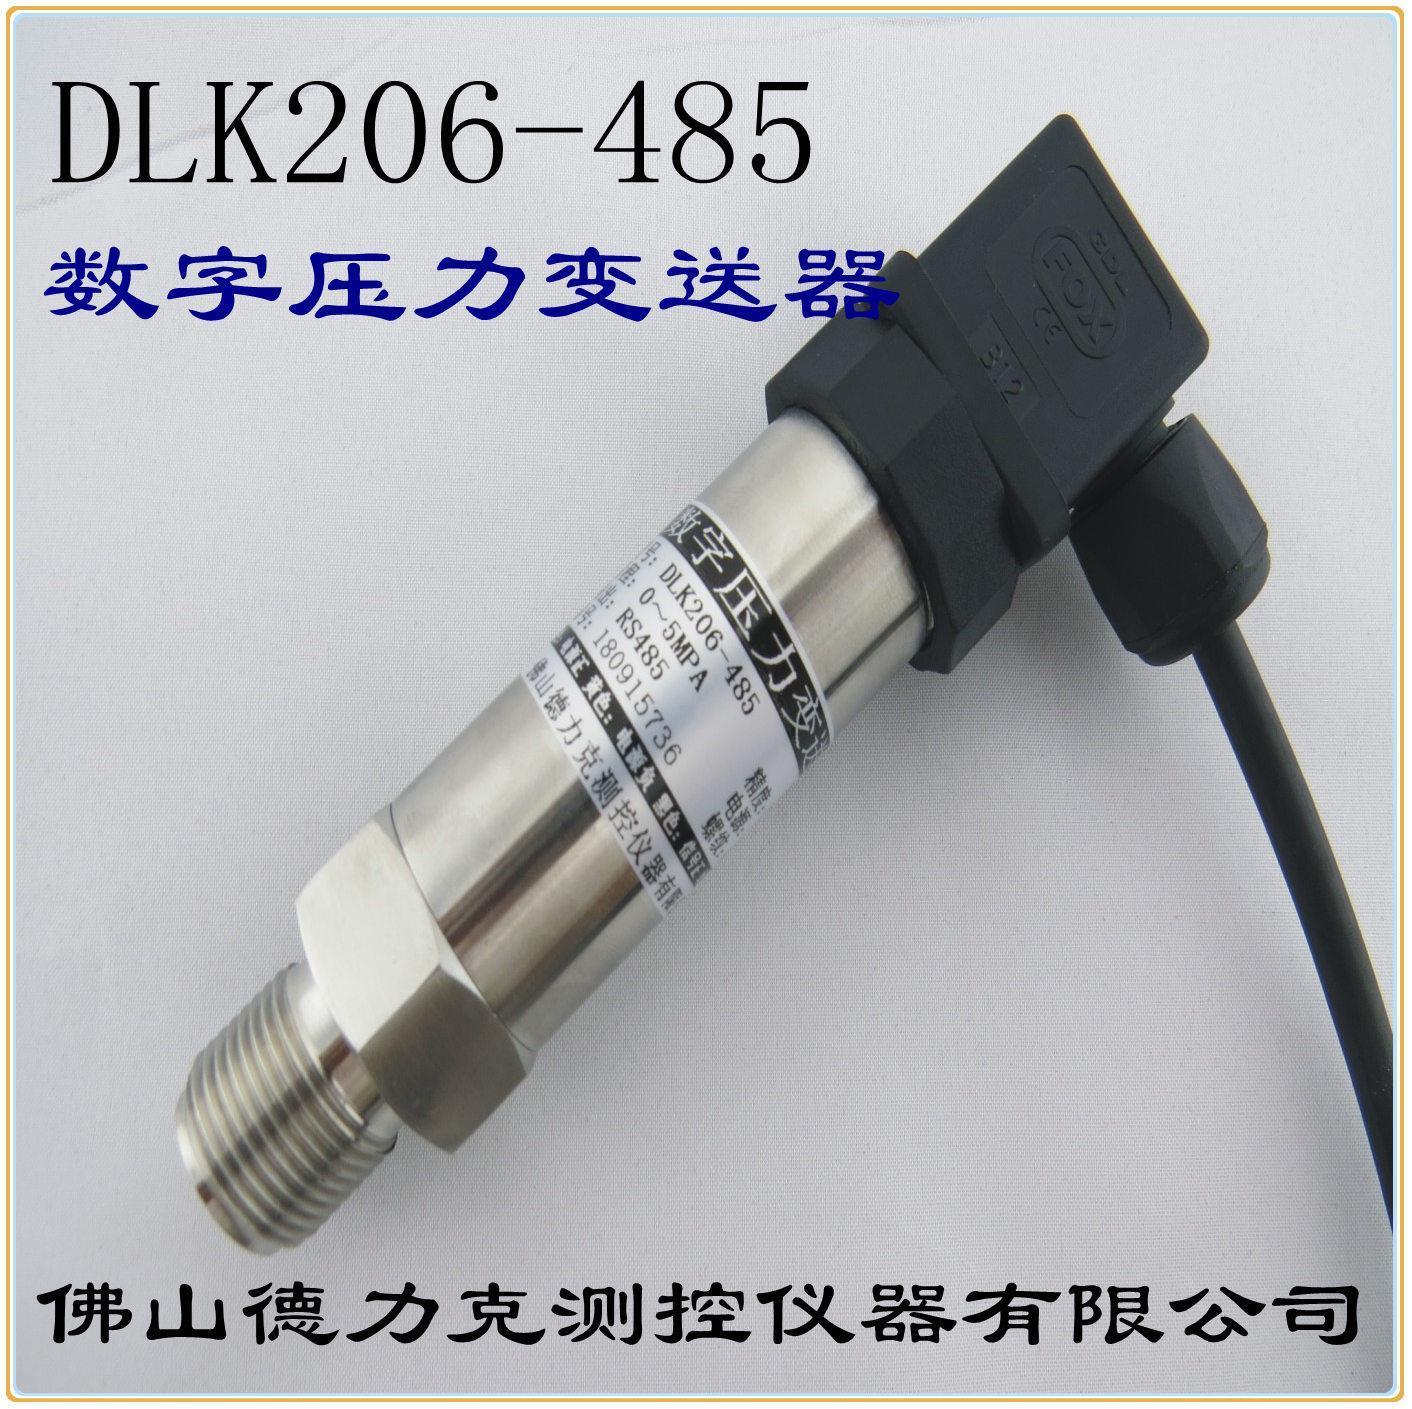 數字壓力傳感器|RS485數字壓力傳感器|連接電腦數字壓力傳感器廠家